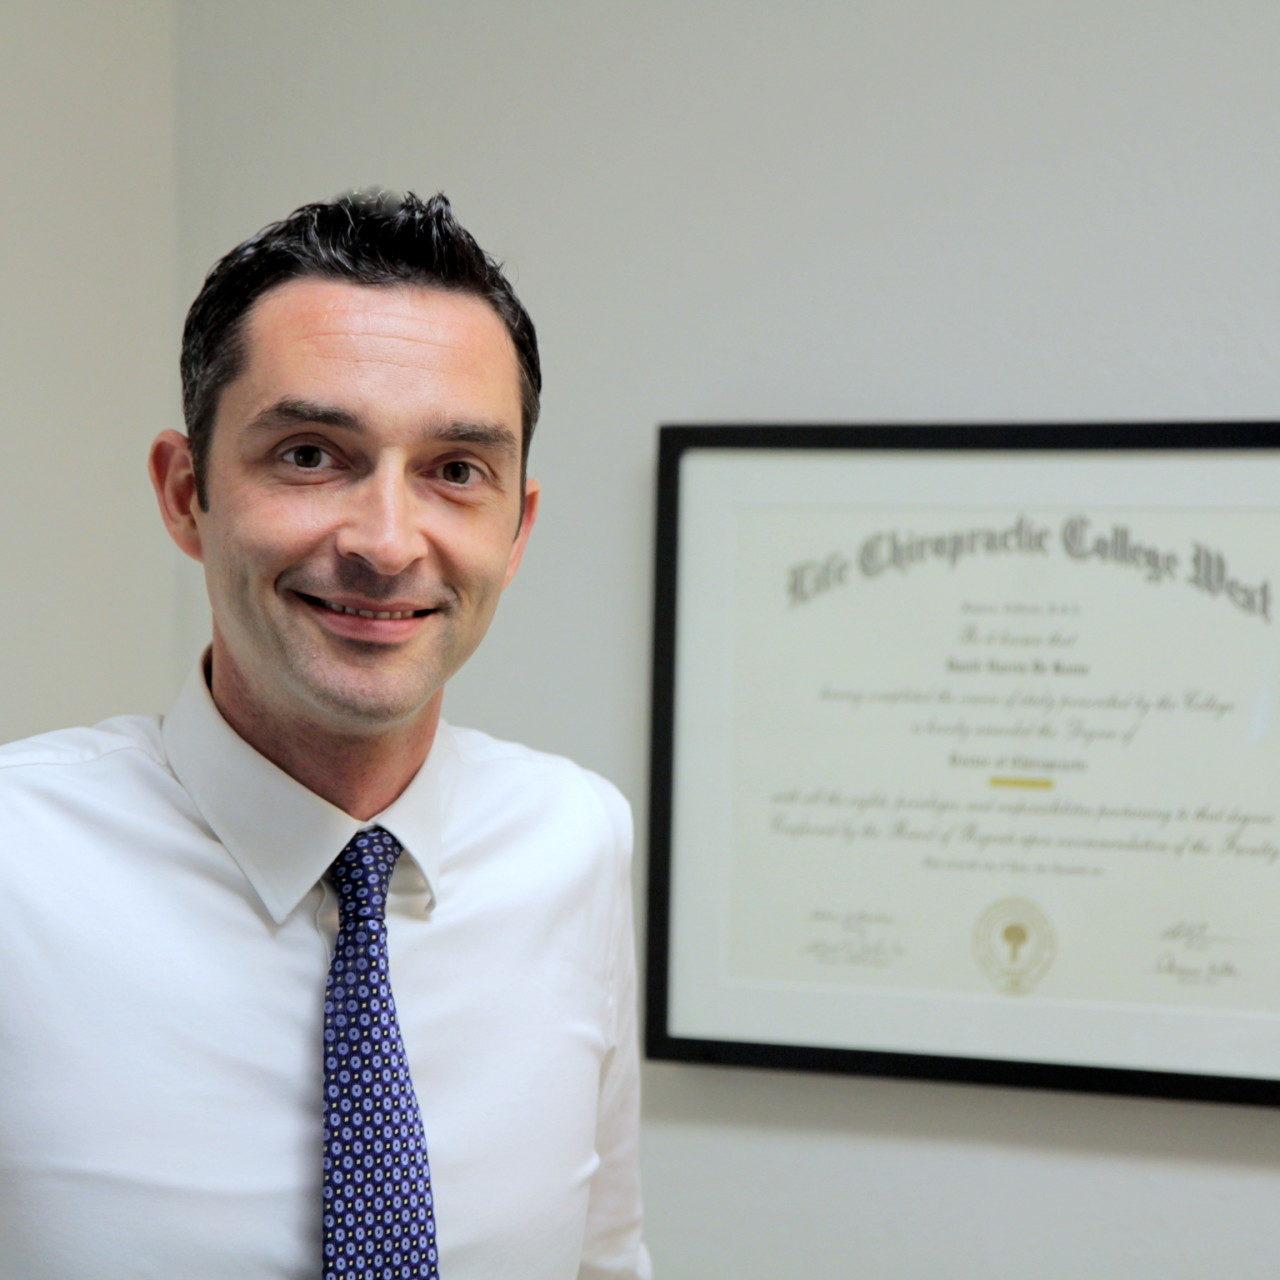 Dr. David De Bonis